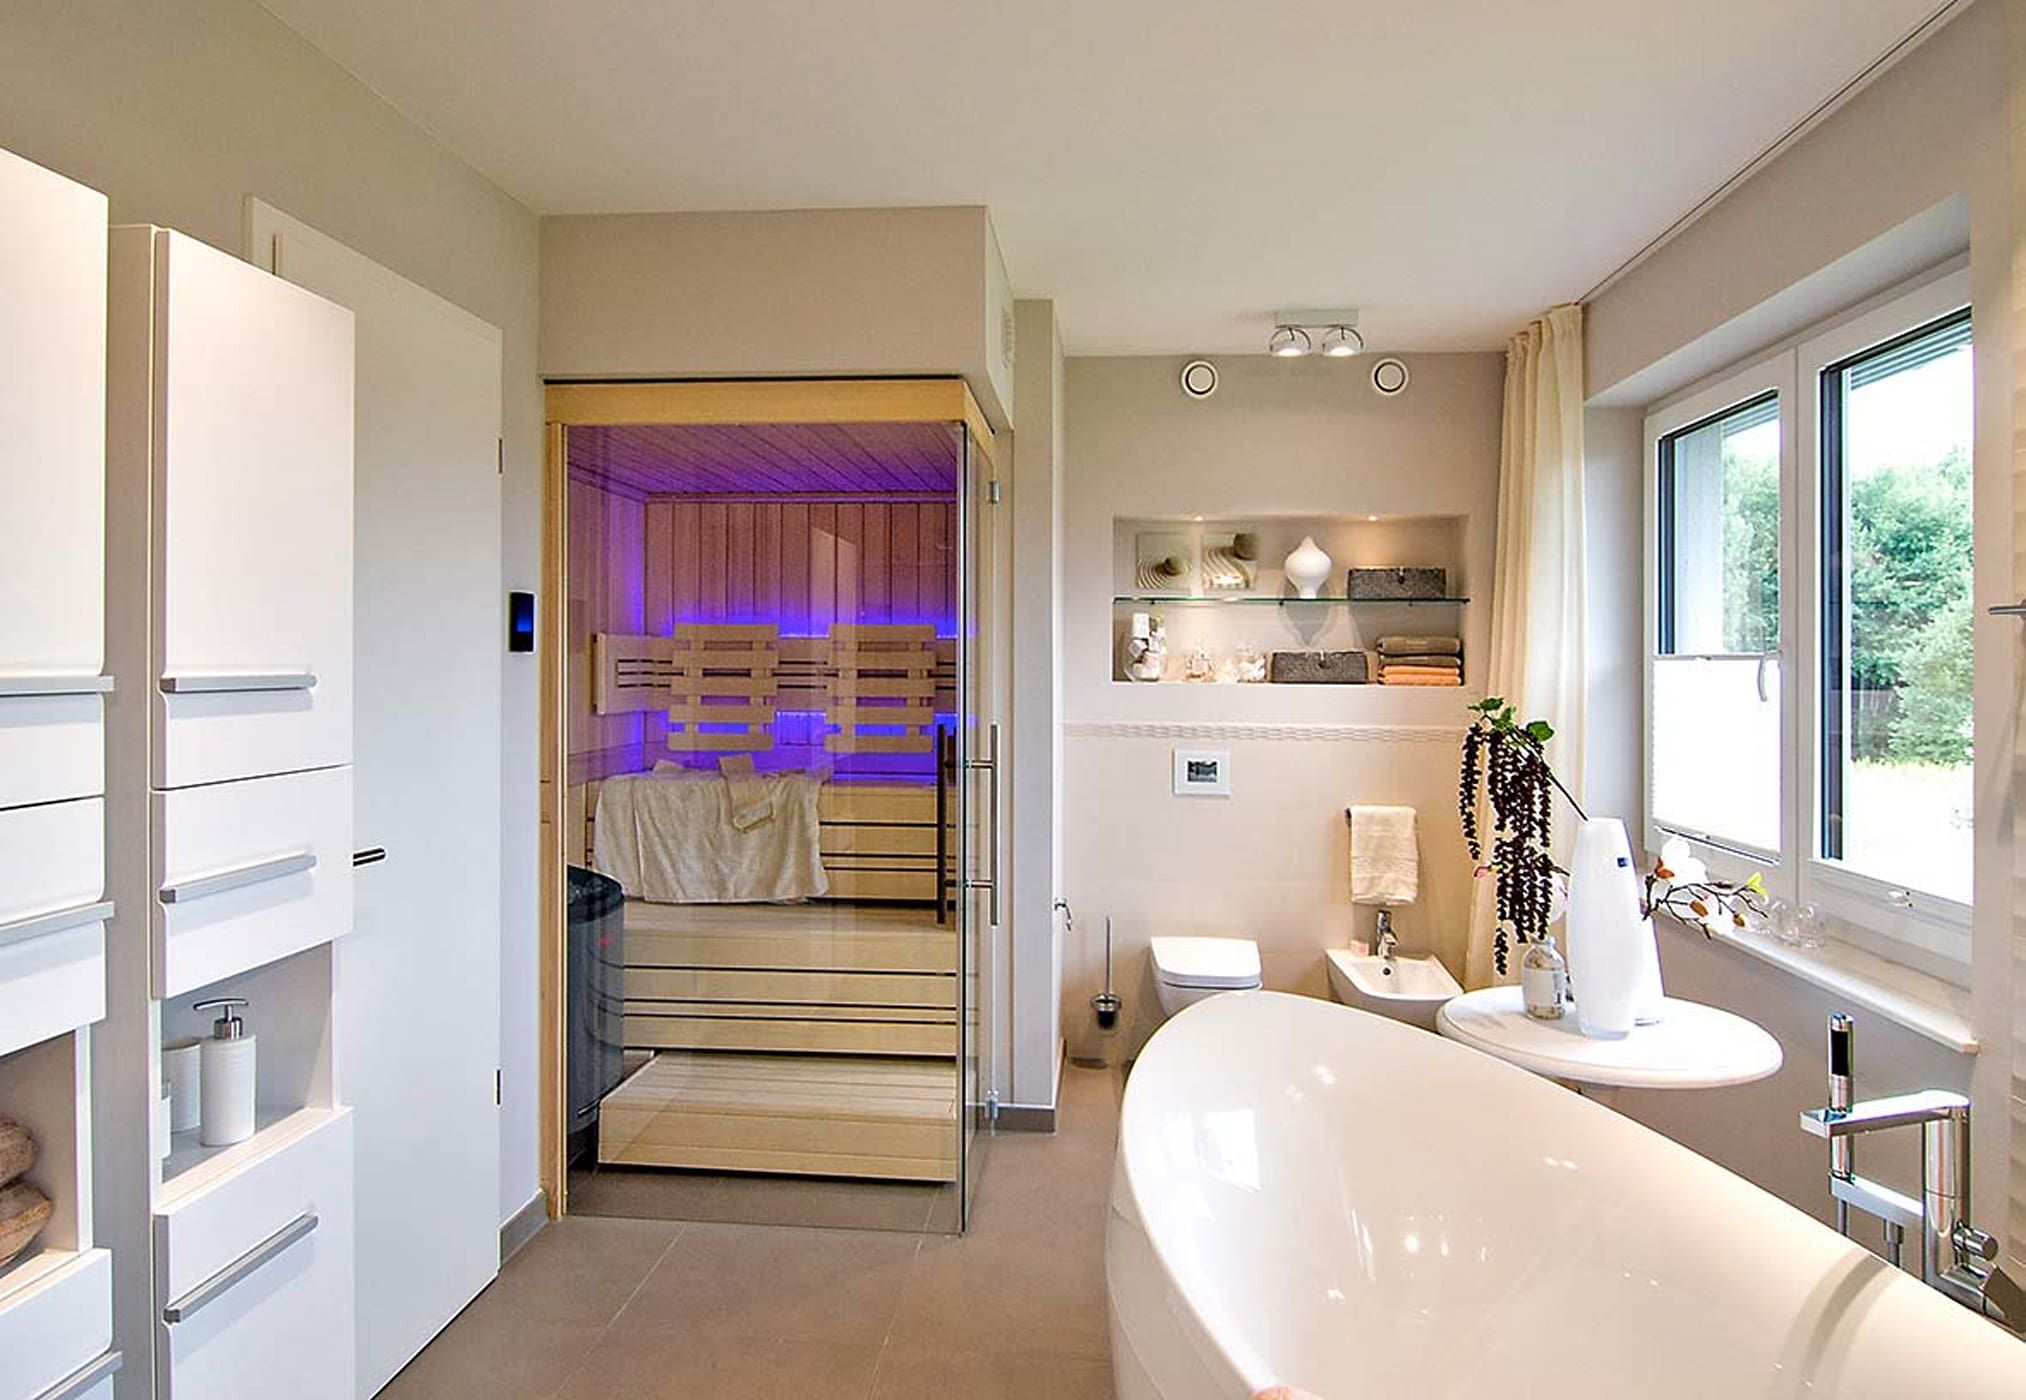 Badezimmer ideen whirlpool helo saunakabinen modernes spa von helo gmbh in   sauna